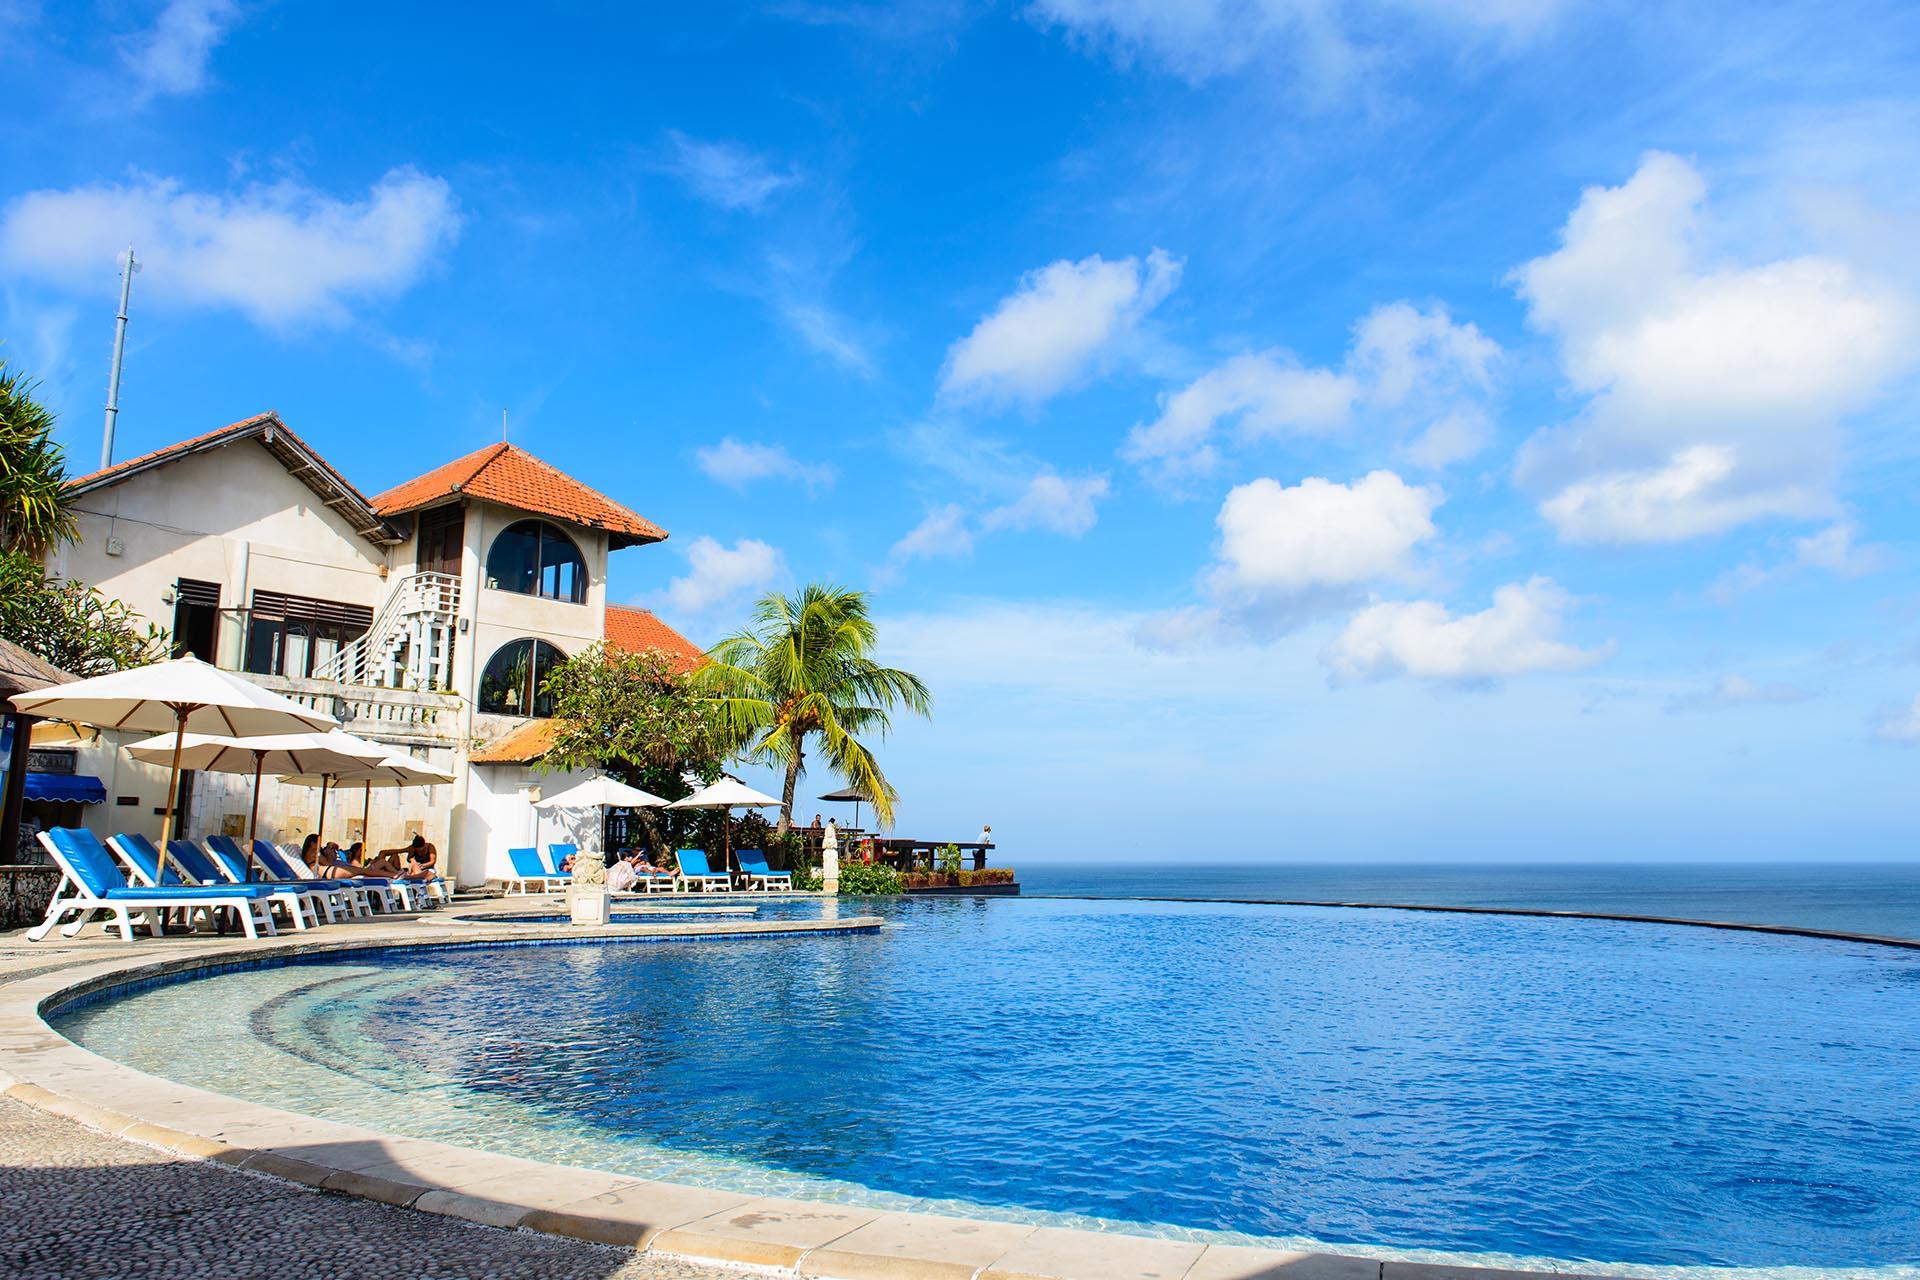 峇里島藍點灣景別墅 Blue Point Bay Villas & Spa